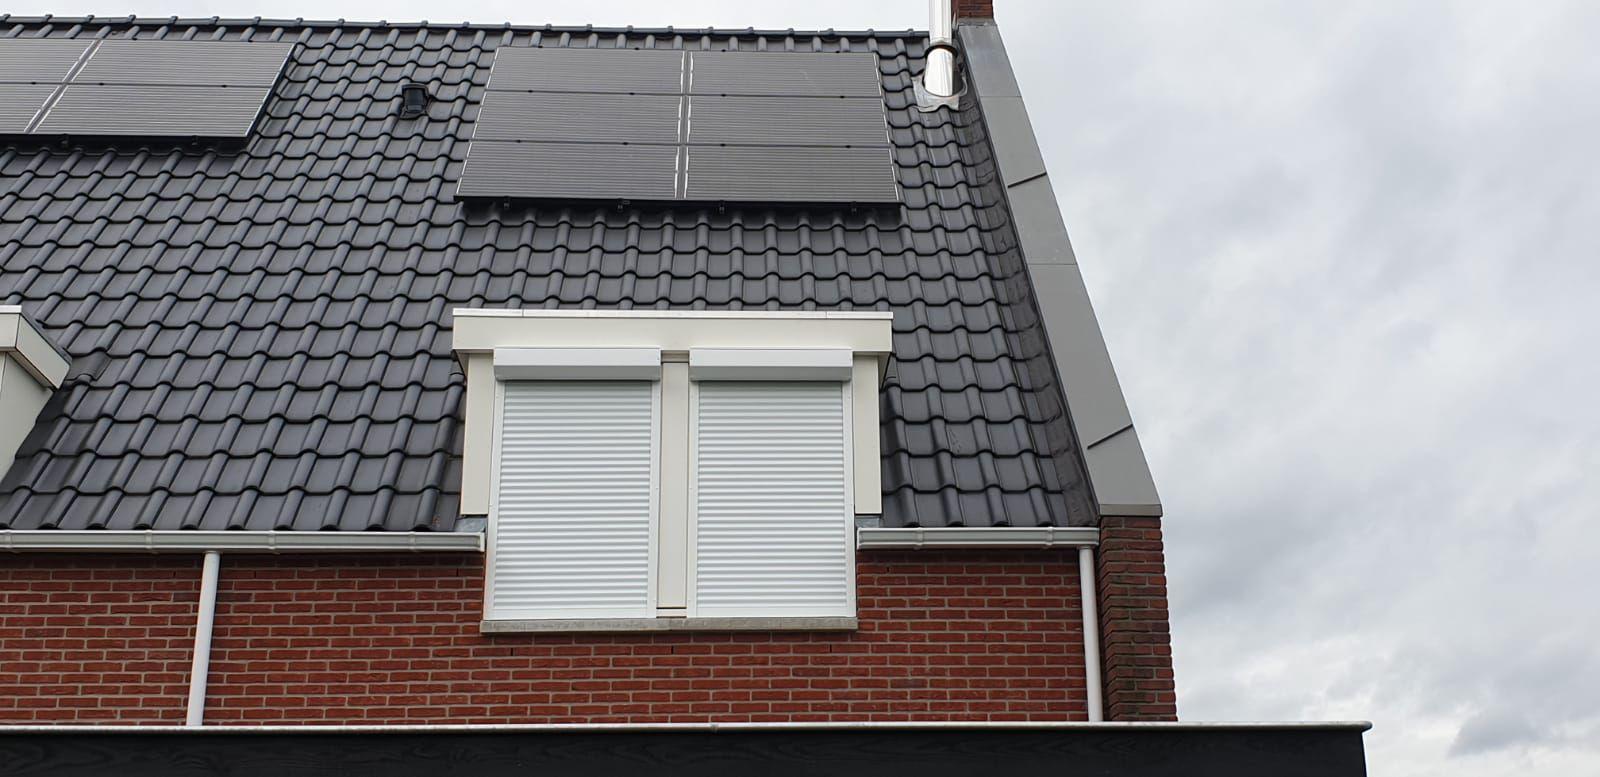 Gesloten dubbele rolluiken op de eerste verdieping | J. Meijering Montage